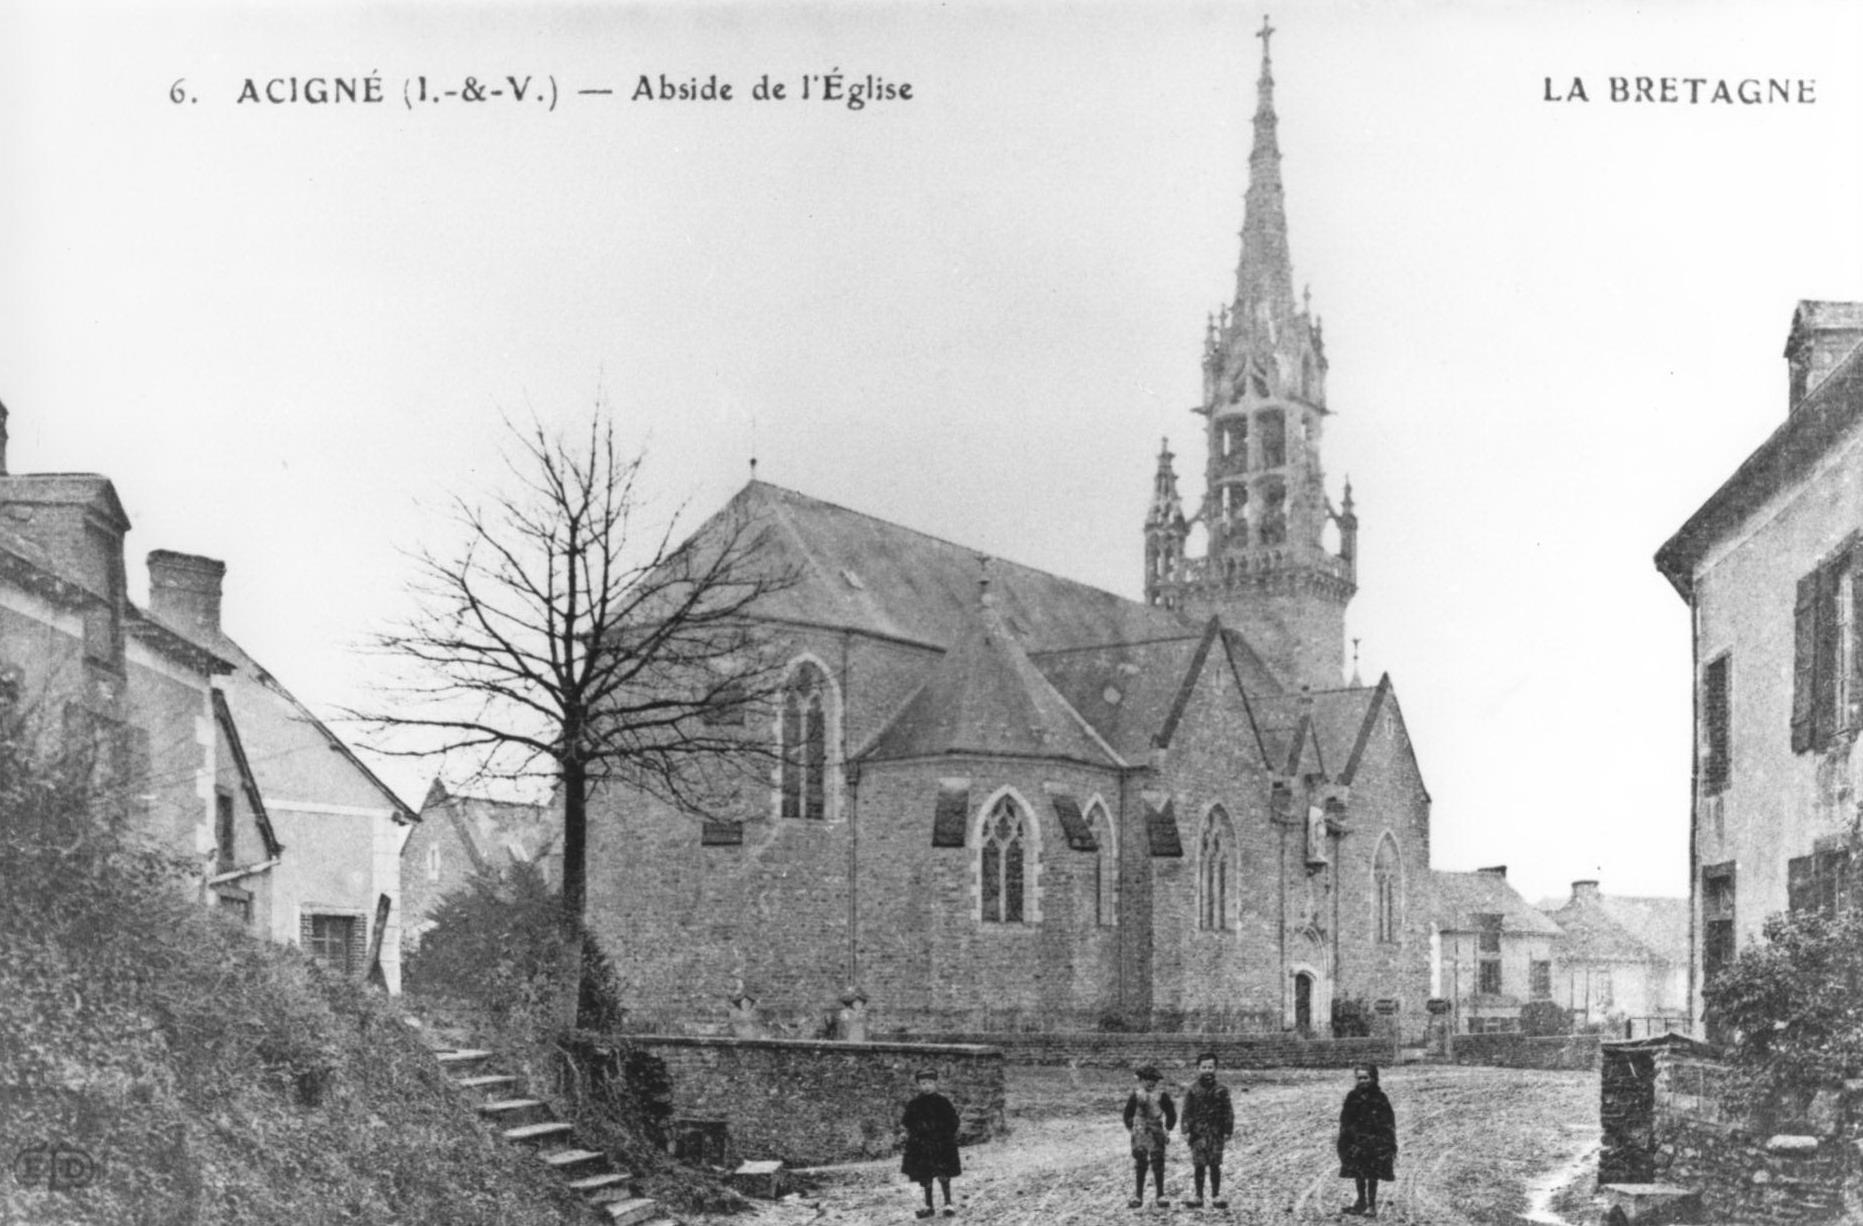 Abside de l'église d'Acigné